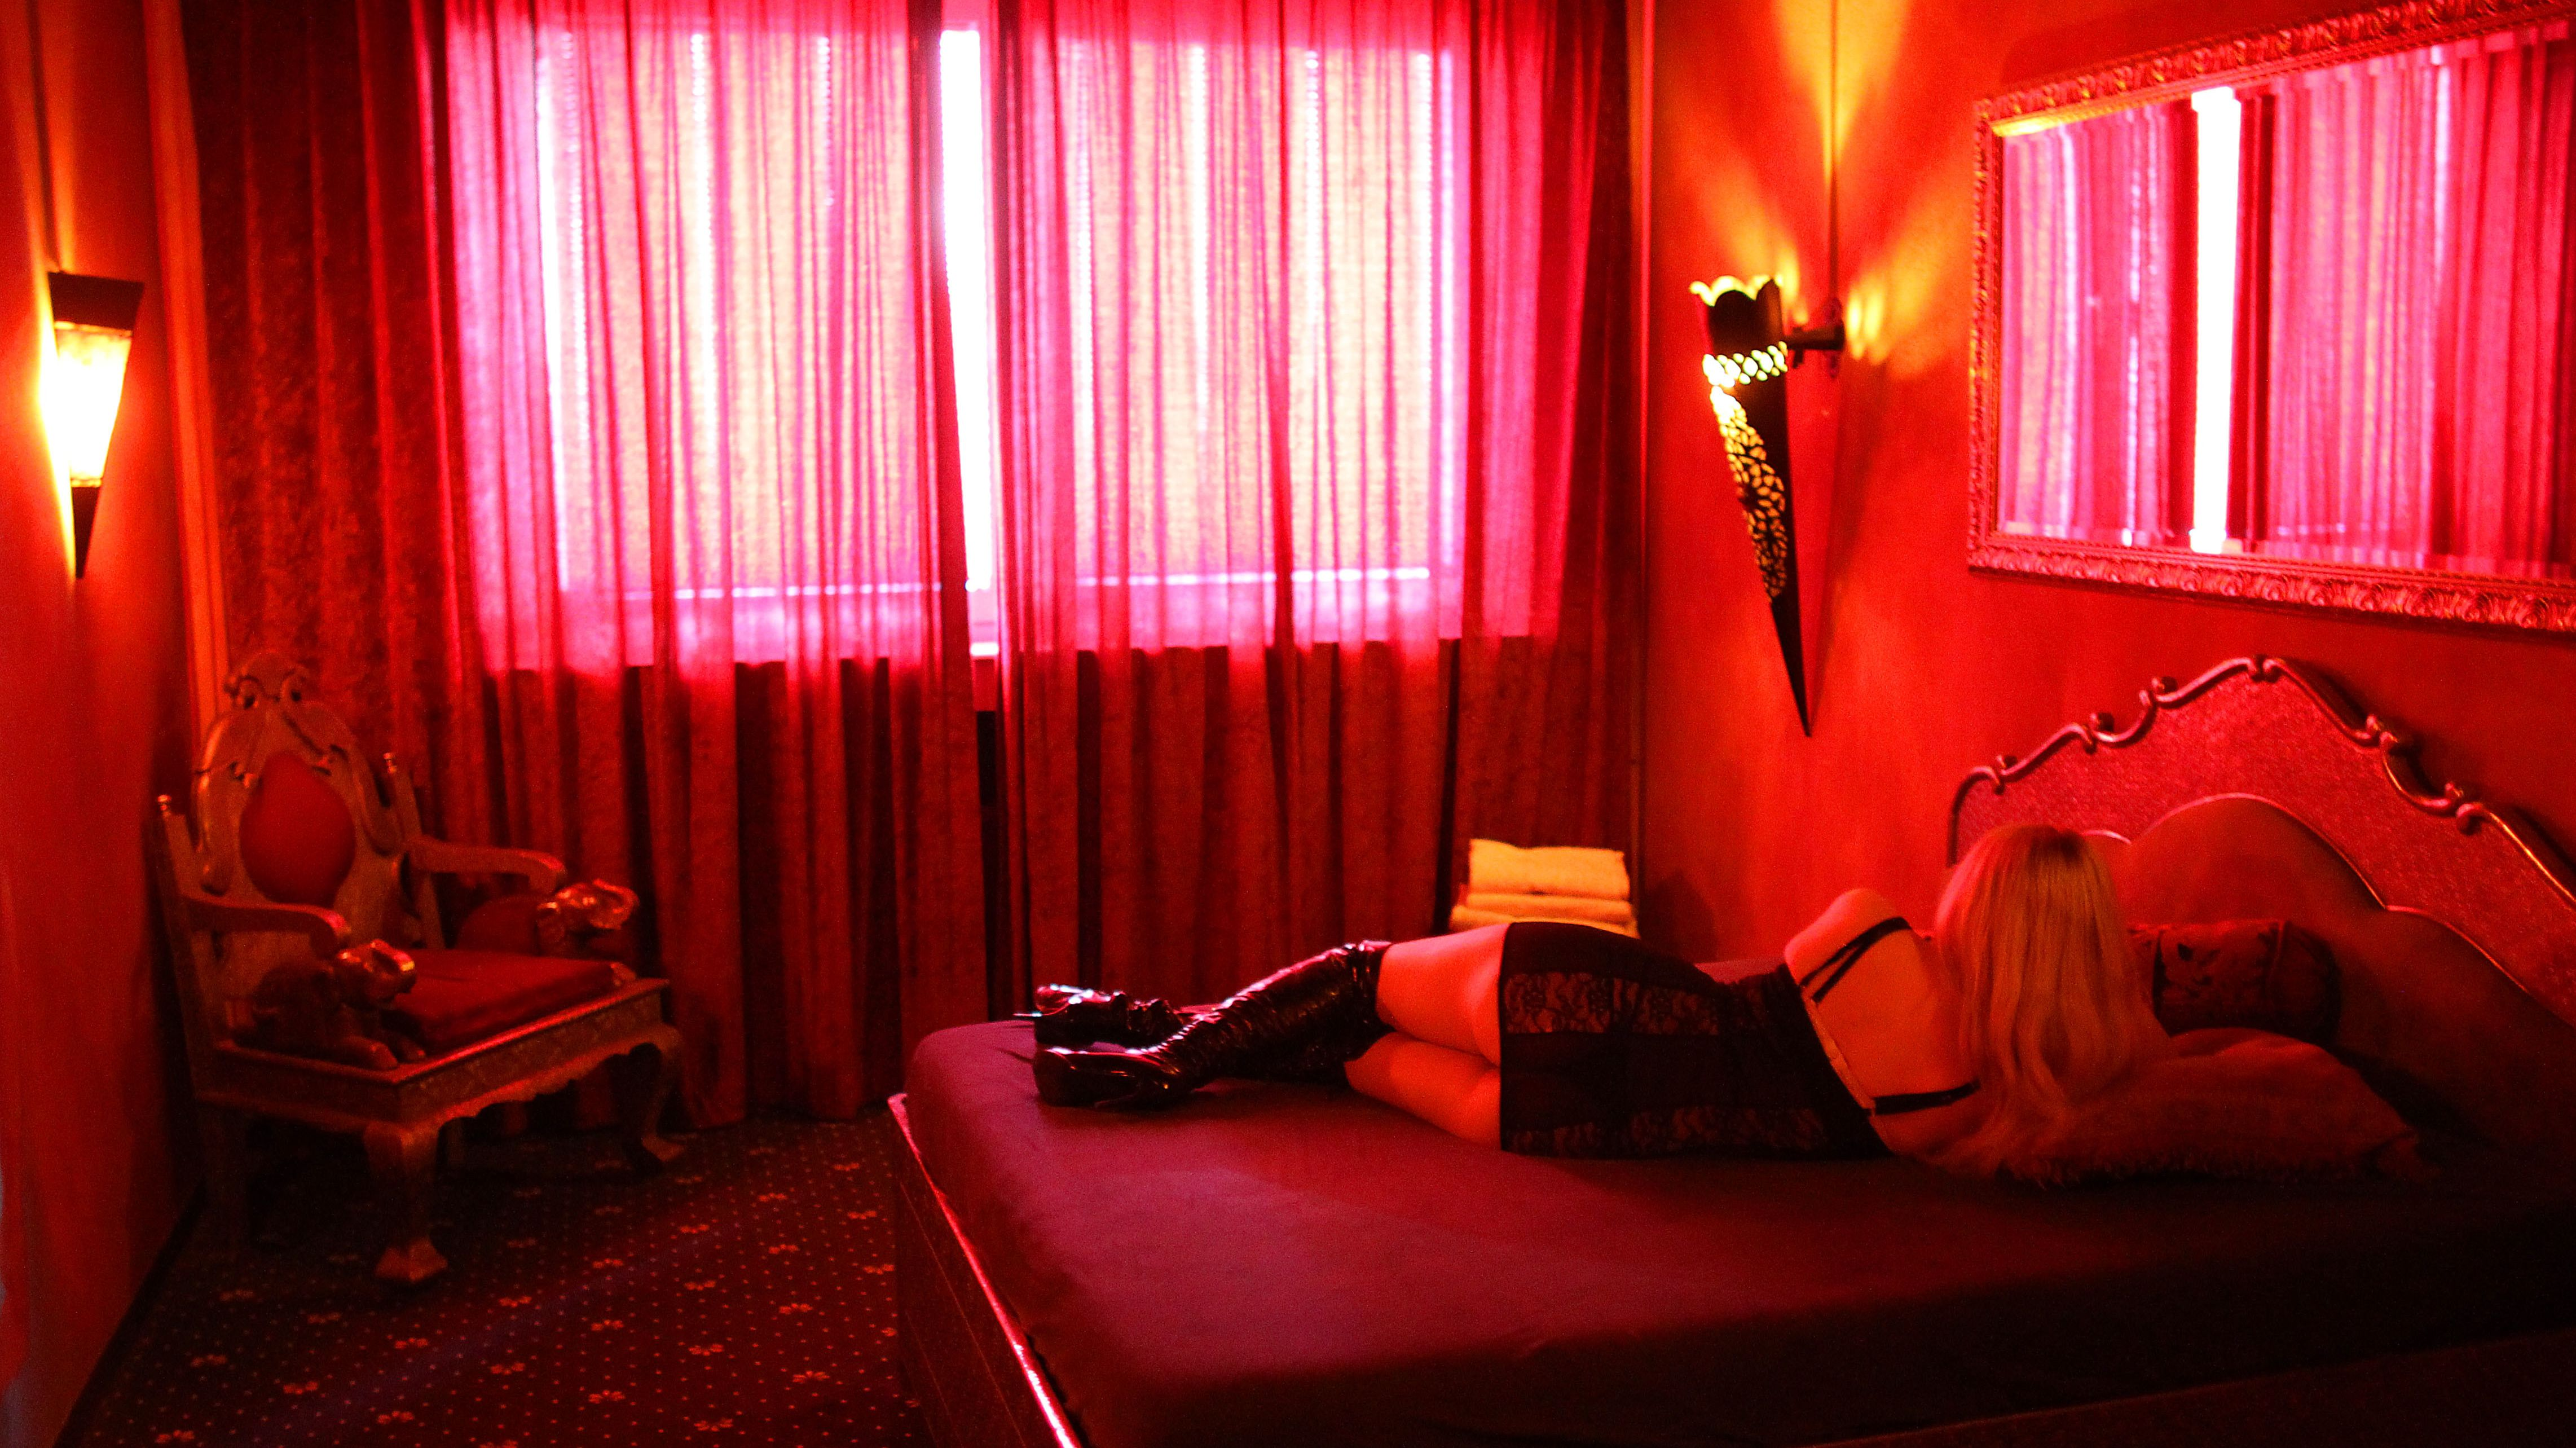 Eine von hinten aufgenommene Prostituierte liegt auf einem Bett in einem rot beleuchteten Raum